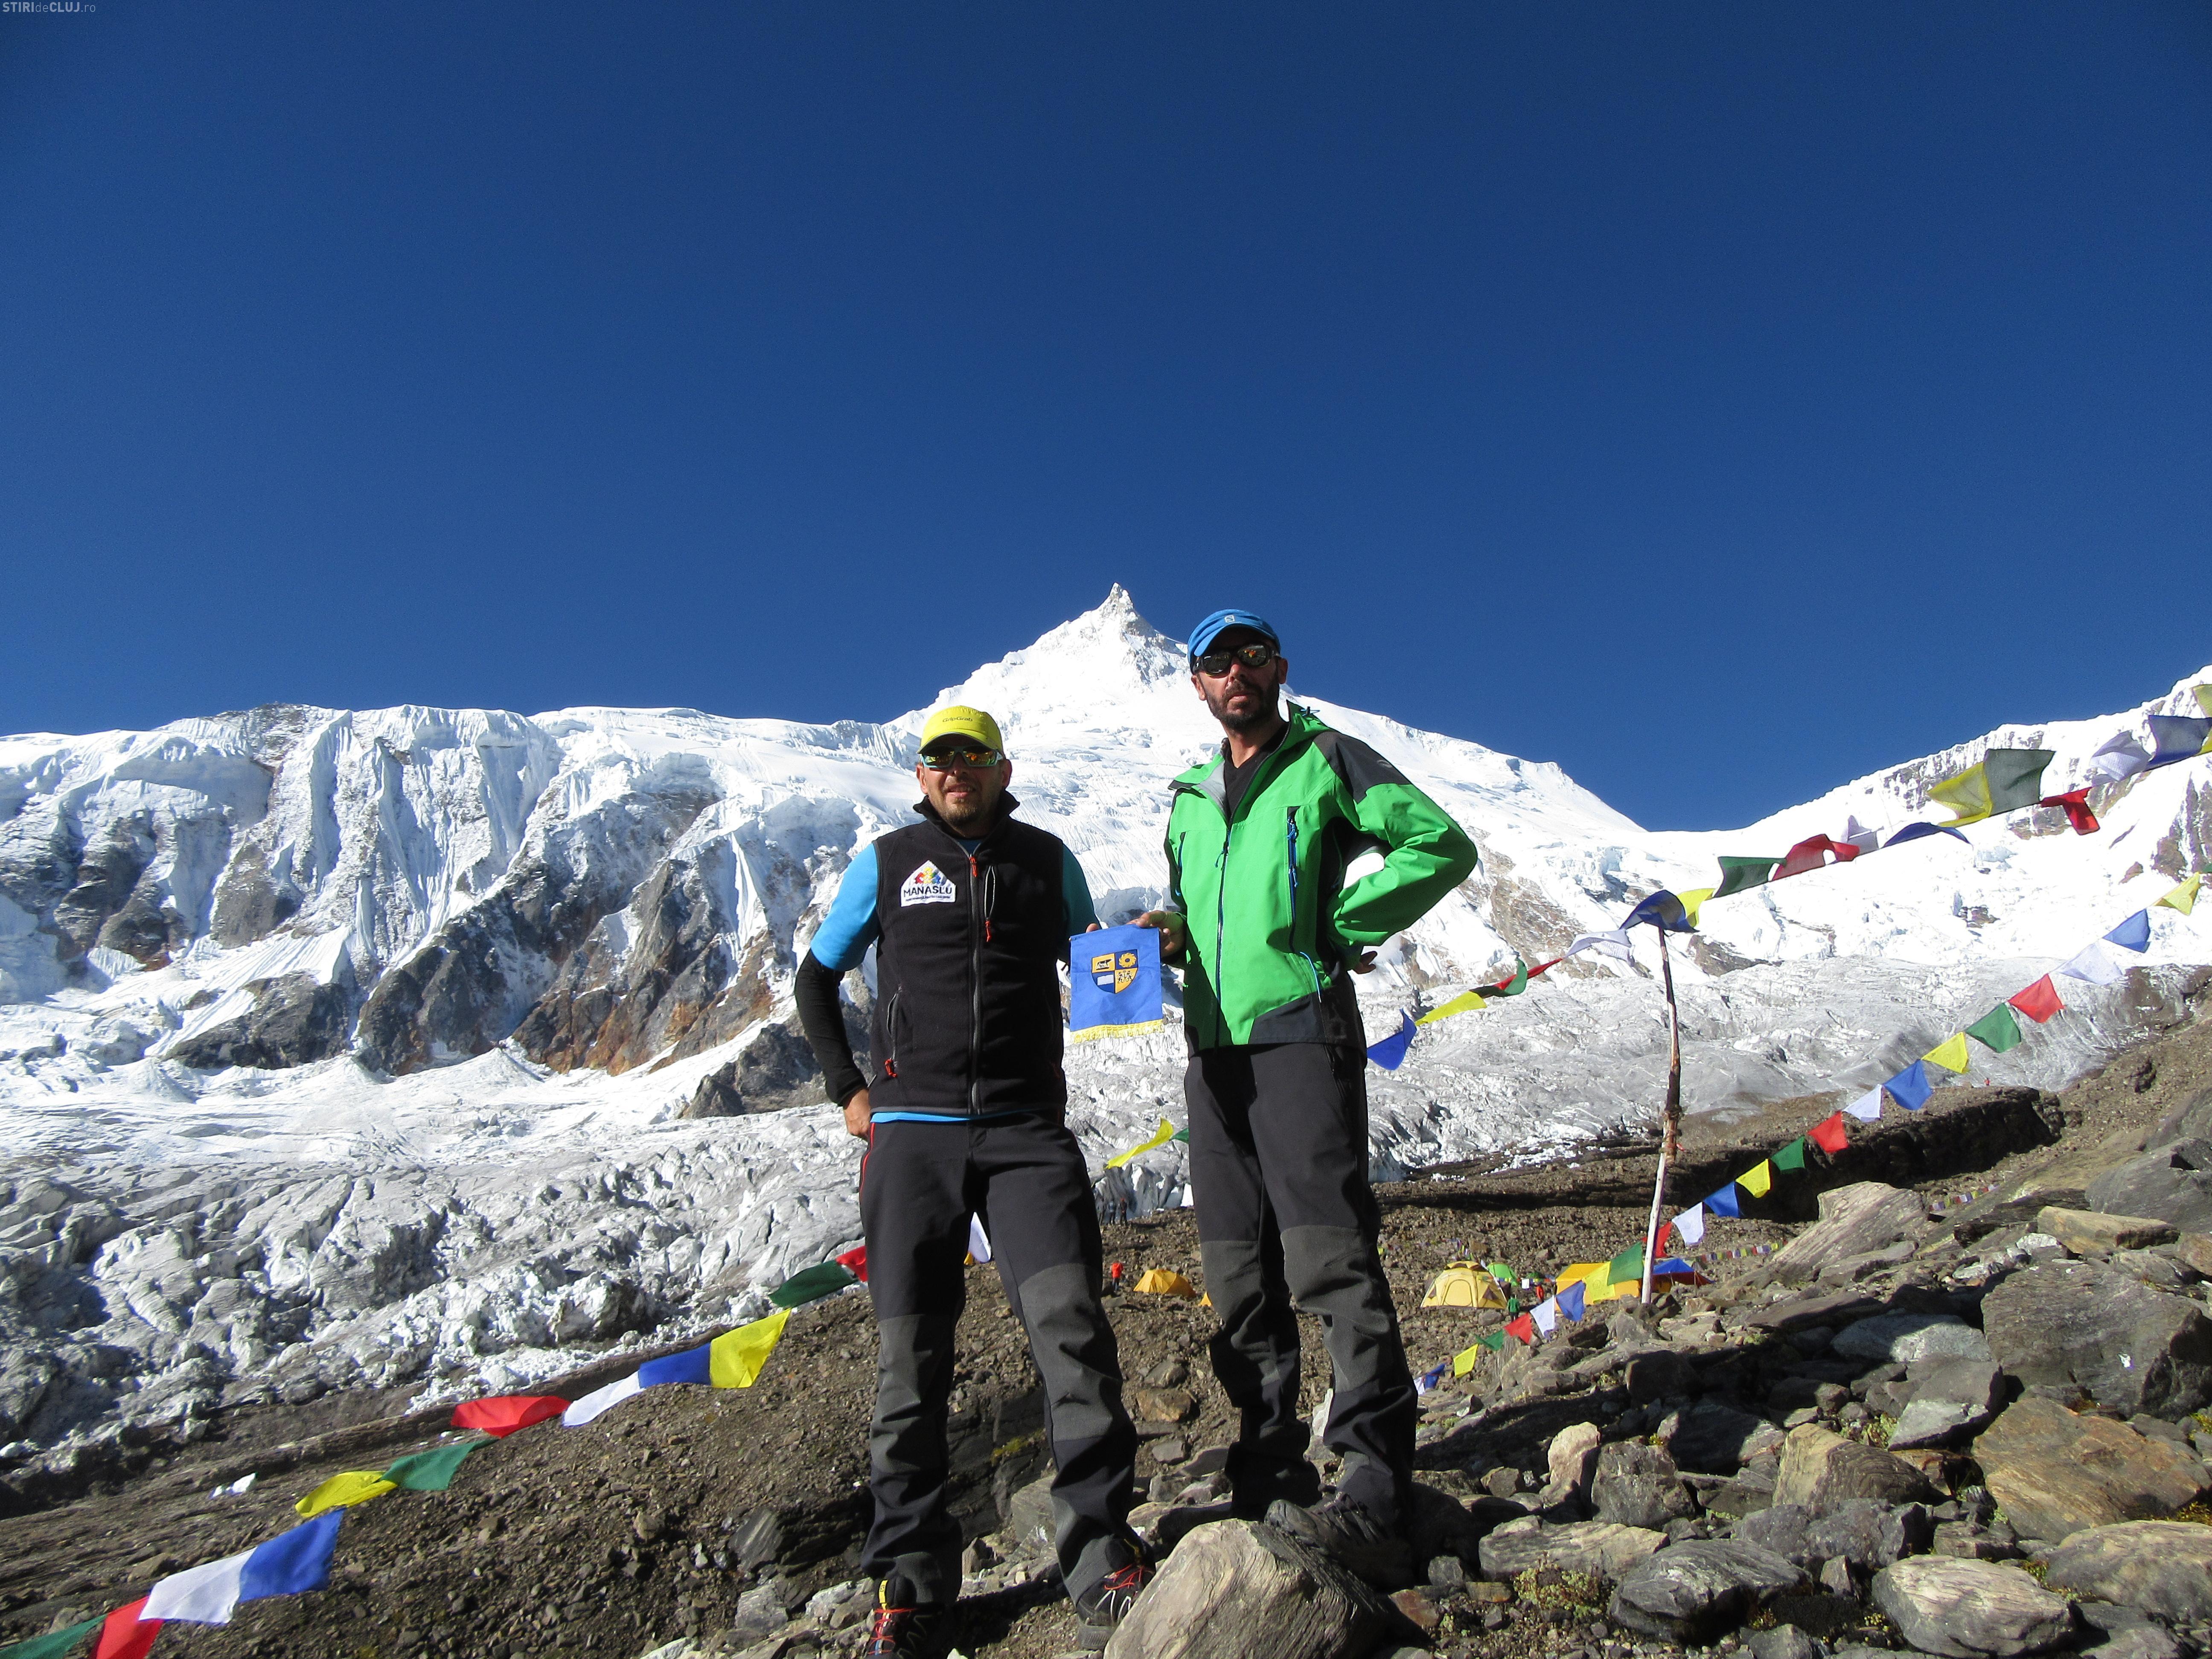 Salvamontistul clujean Vasile Cipcigan și ziaristul Titus Crăciun vor să urce pe Everest